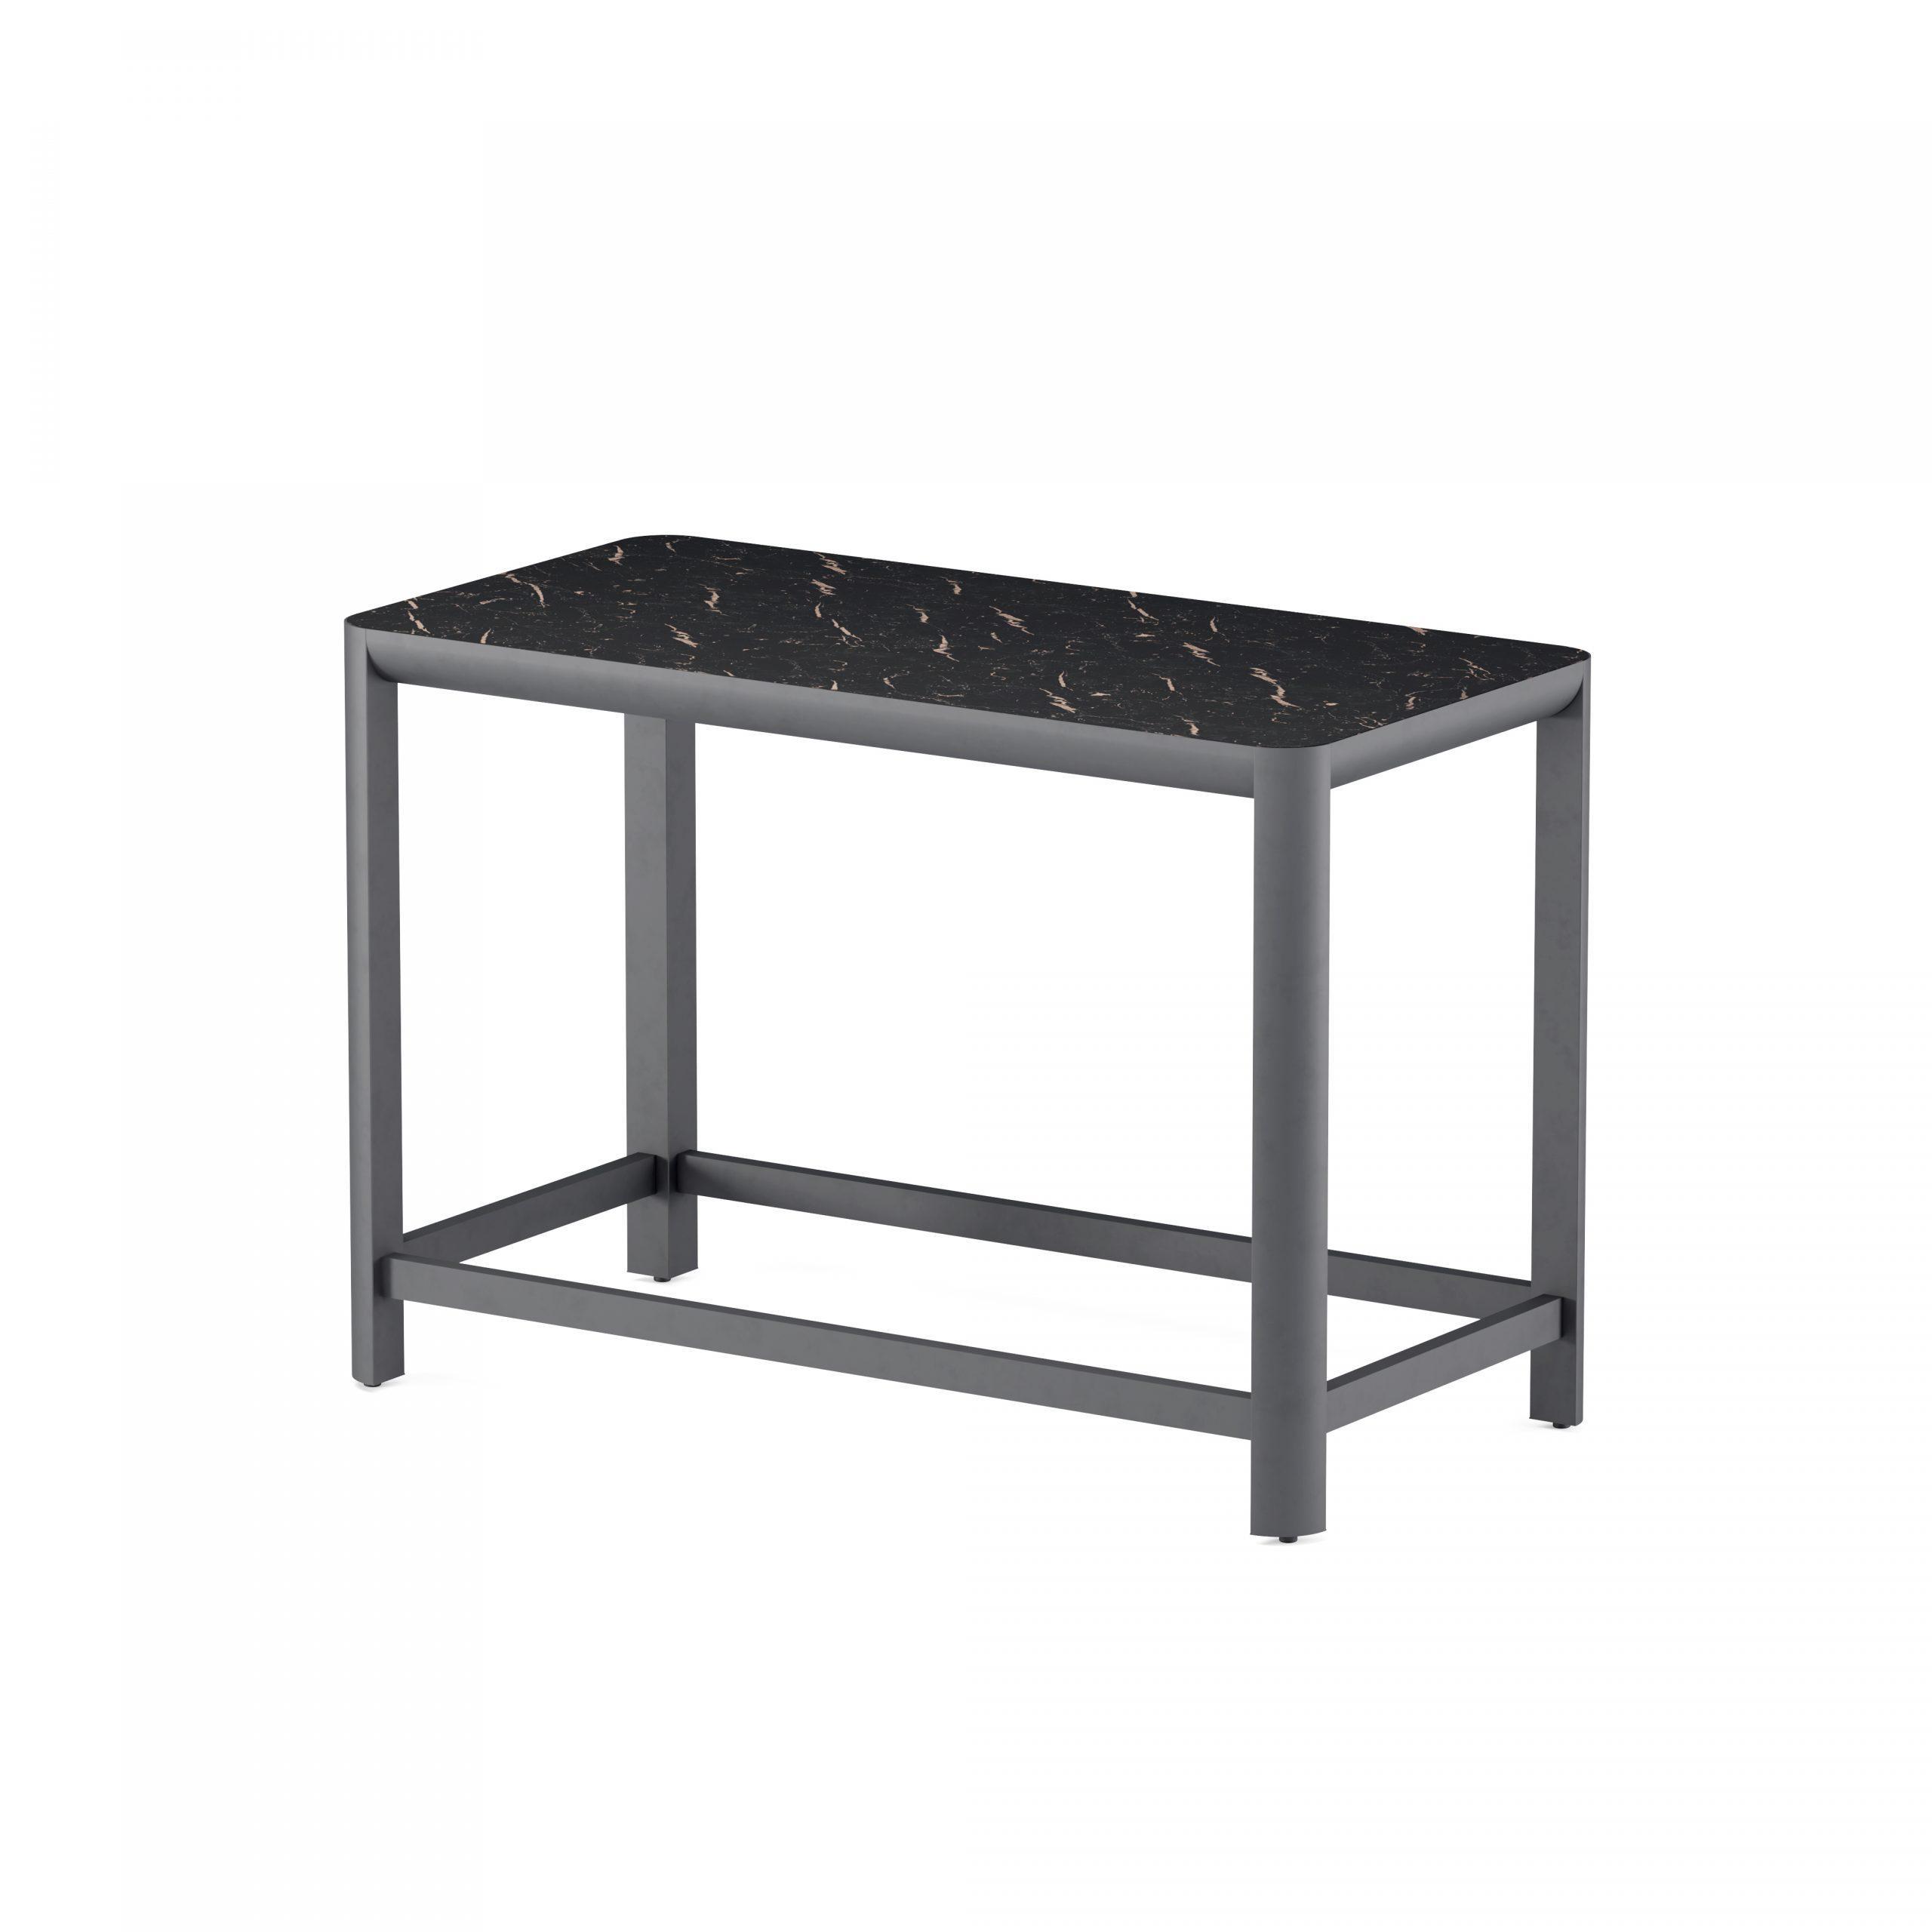 Jardinico side table